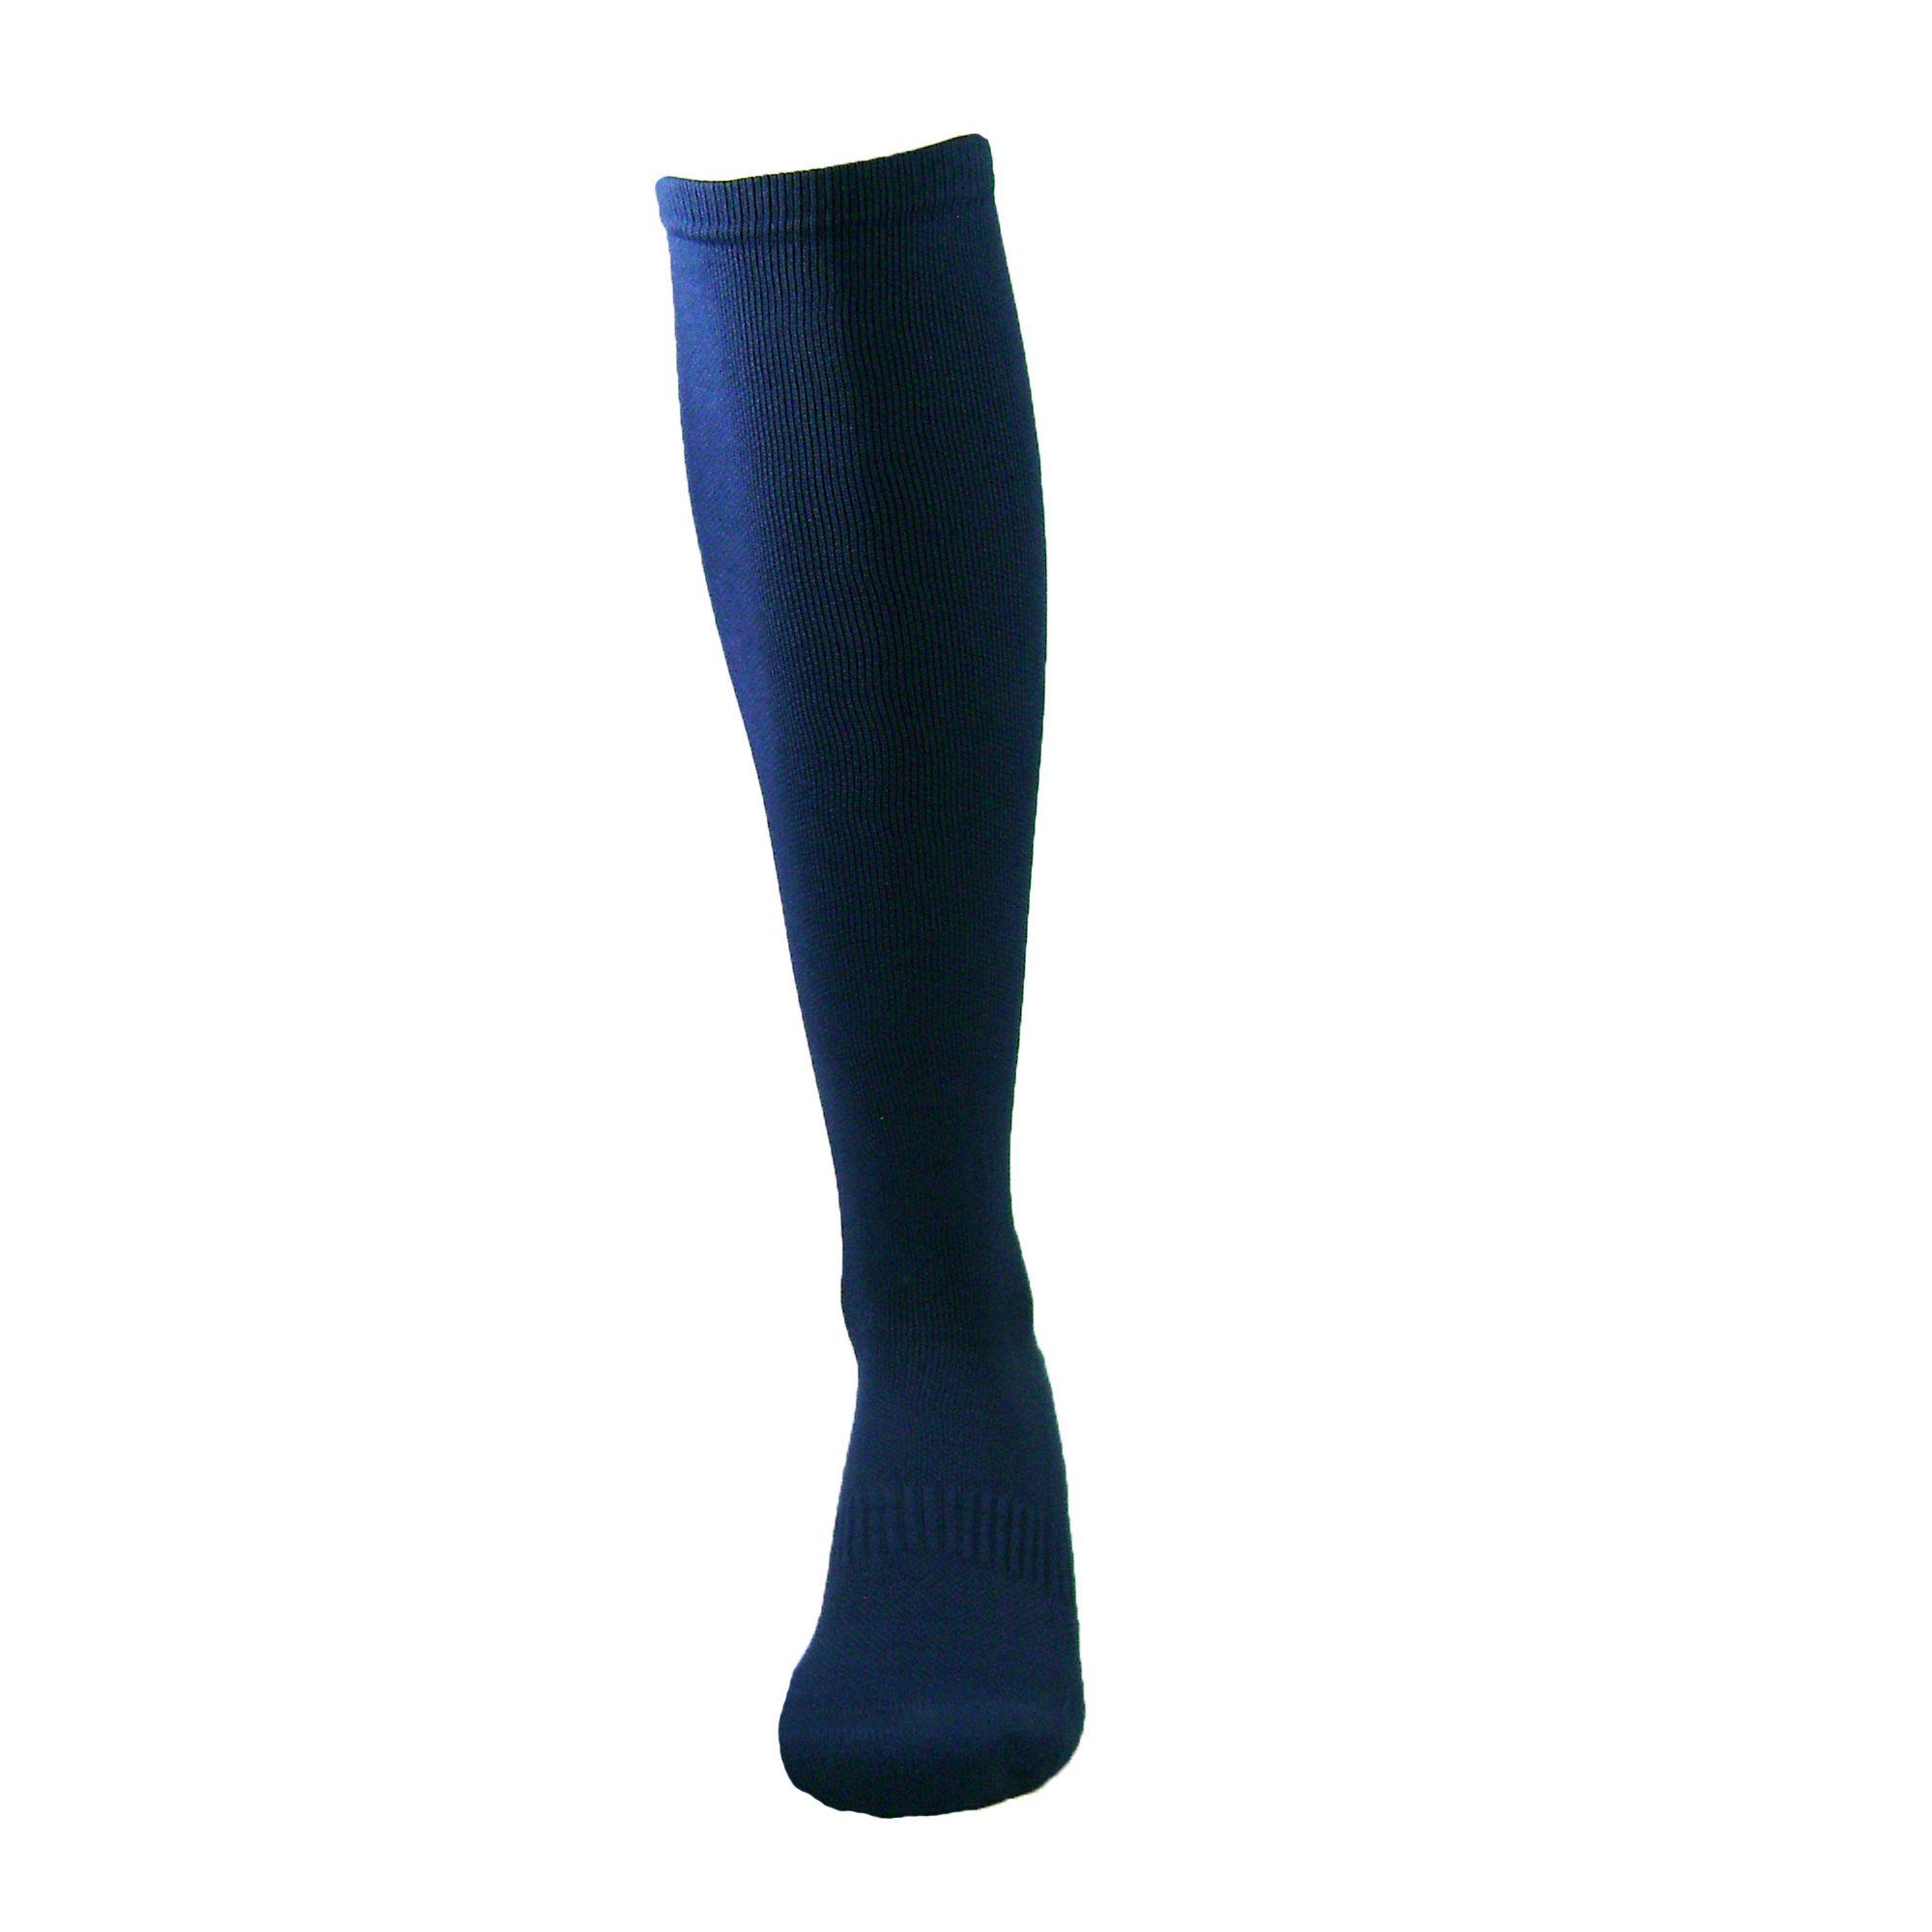 Par de meia de compressão anatômica  - Lisa Azul Marinho